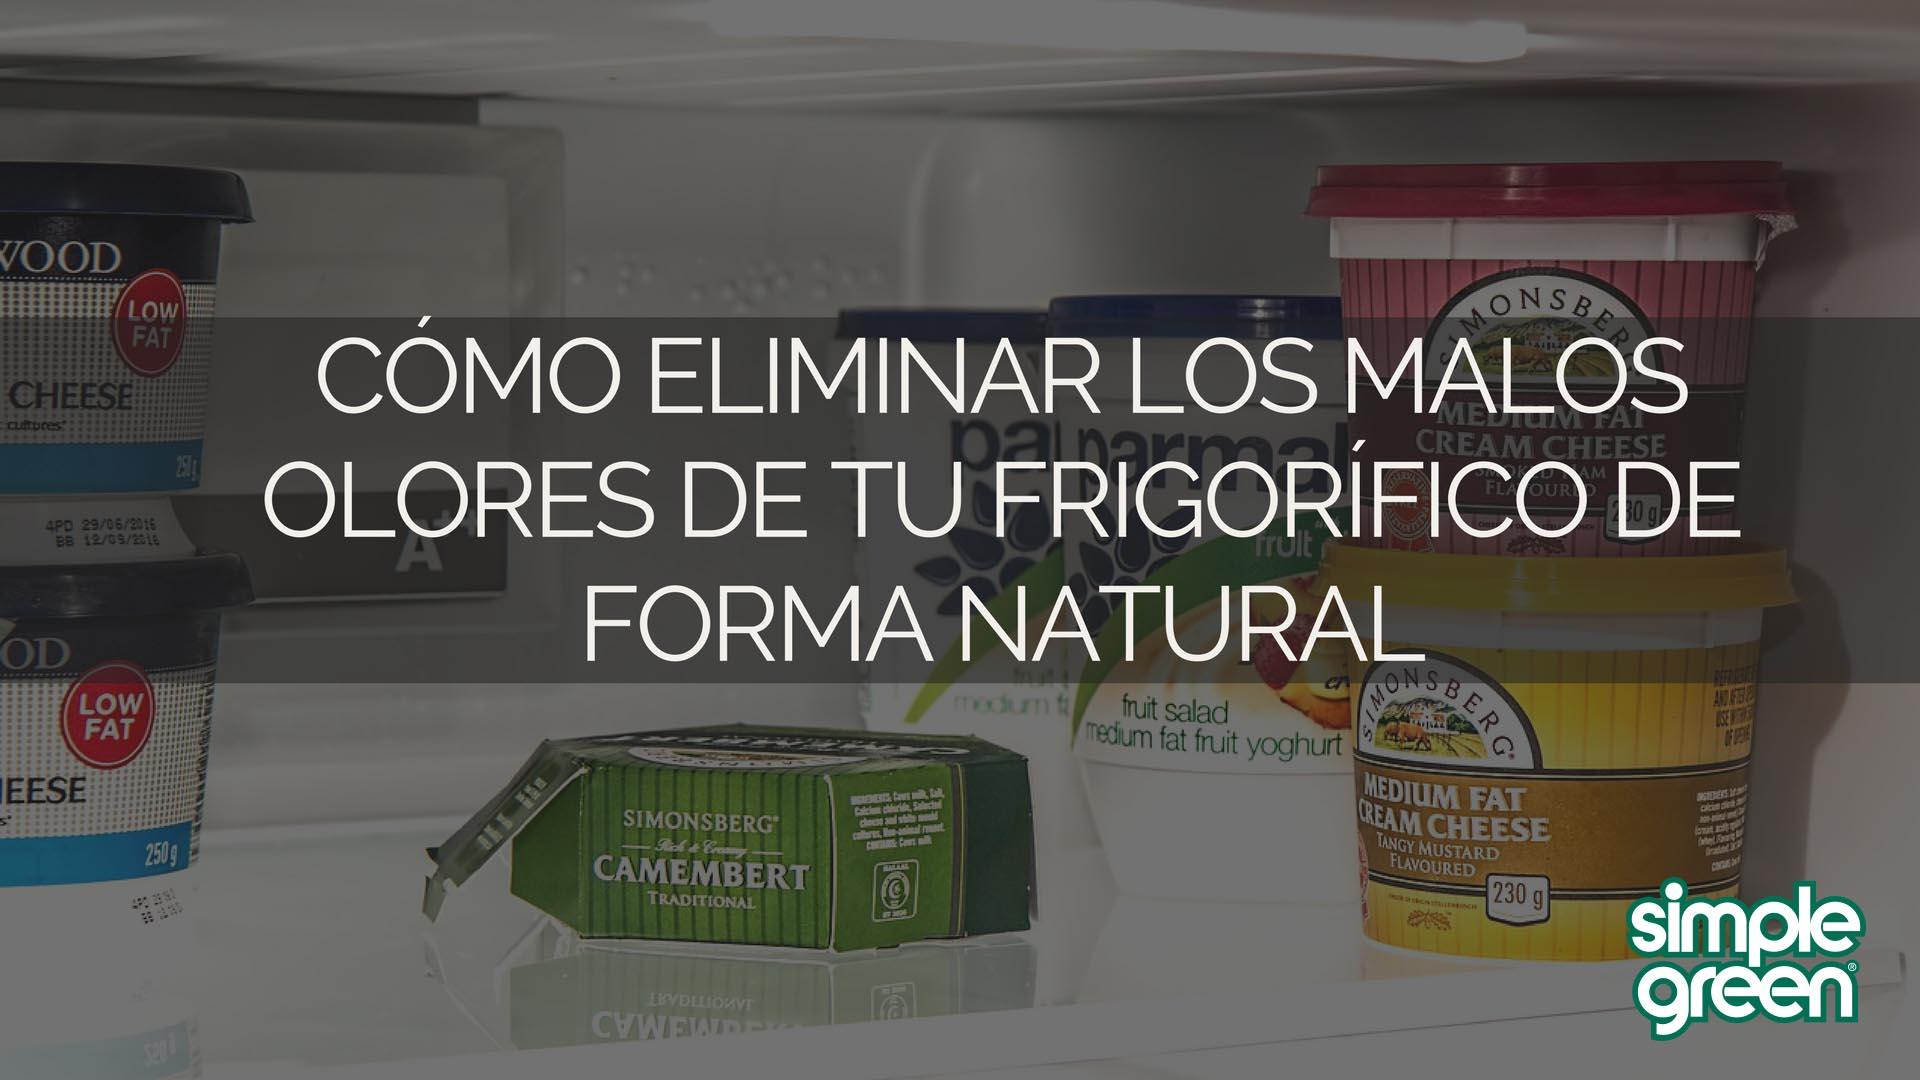 C mo eliminar los malos olores de tu frigor fico de forma natural simple green hogar - Como eliminar los malos olores ...